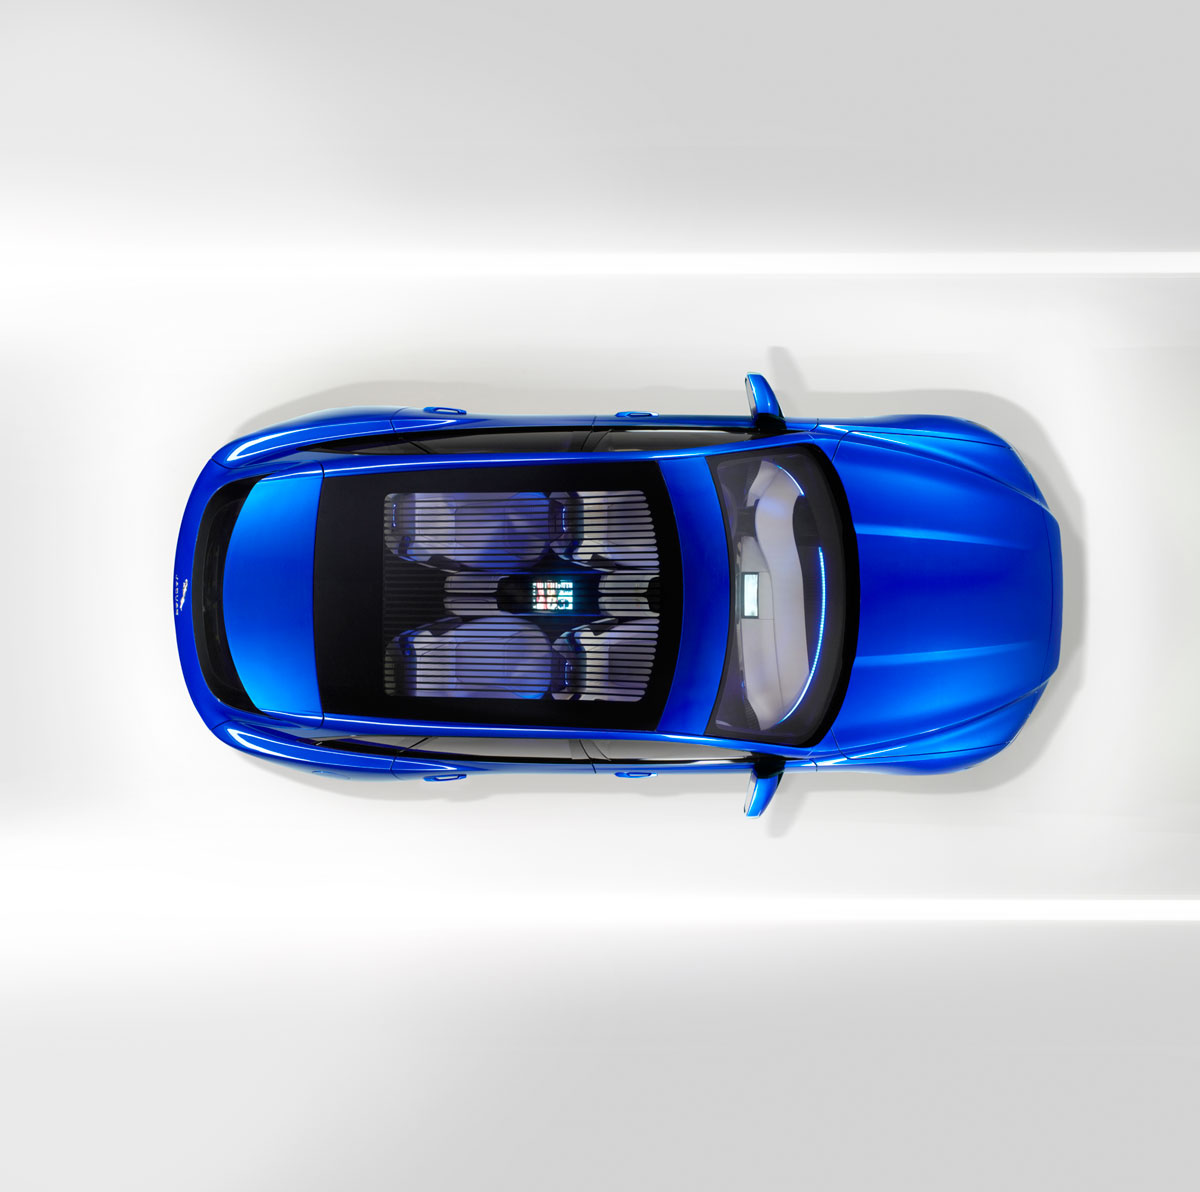 Fondo Pantalla Jaguar Cx17 Concept 2013 Exteriores